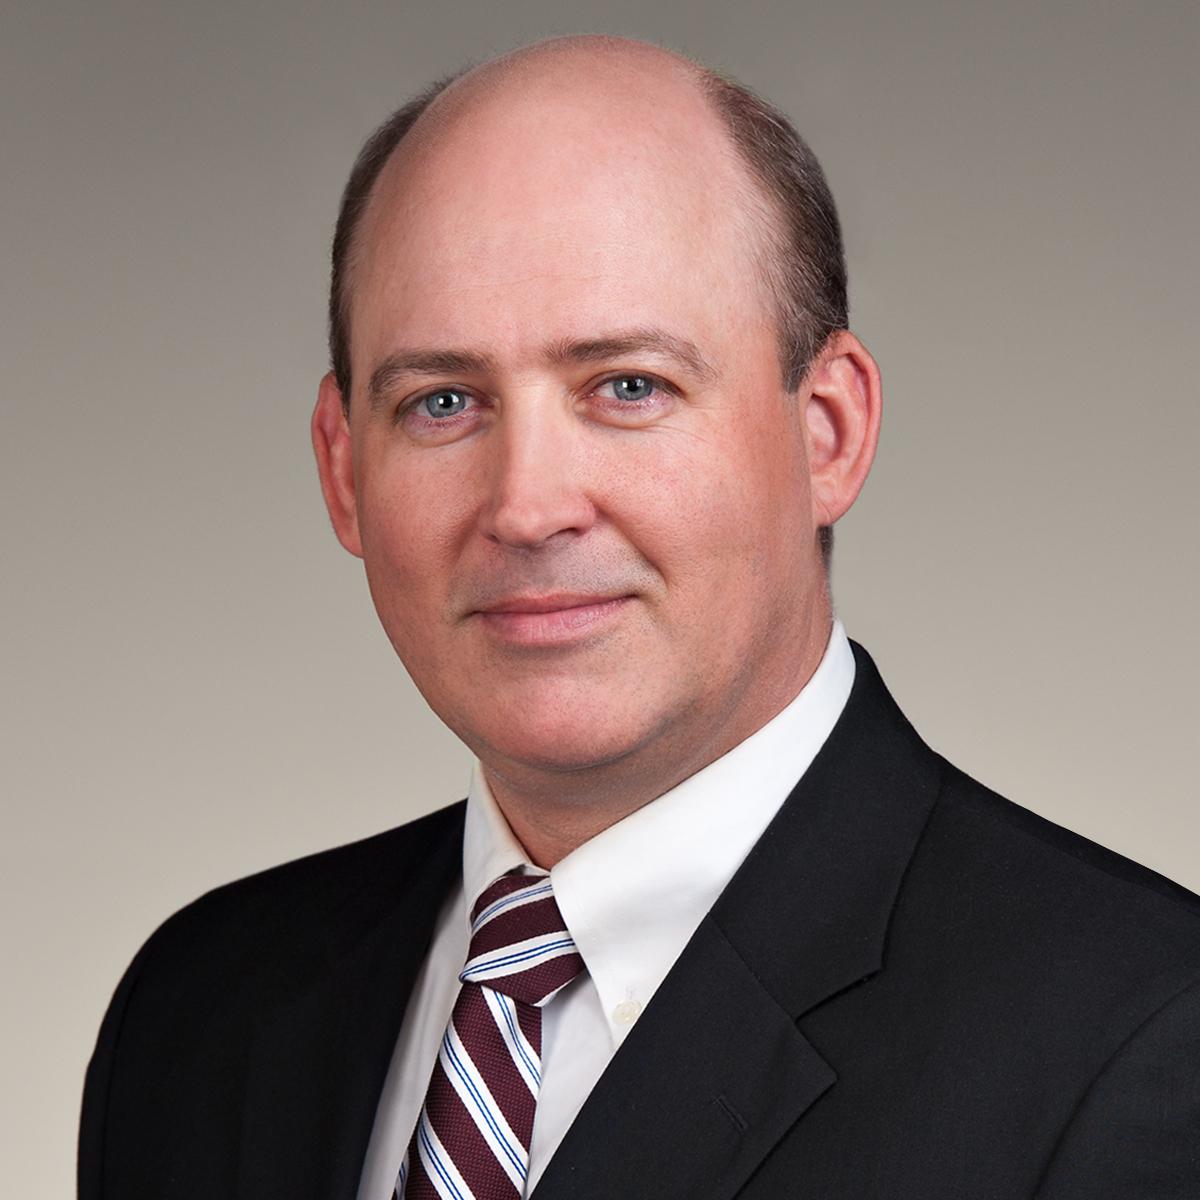 Christopher M. Adams